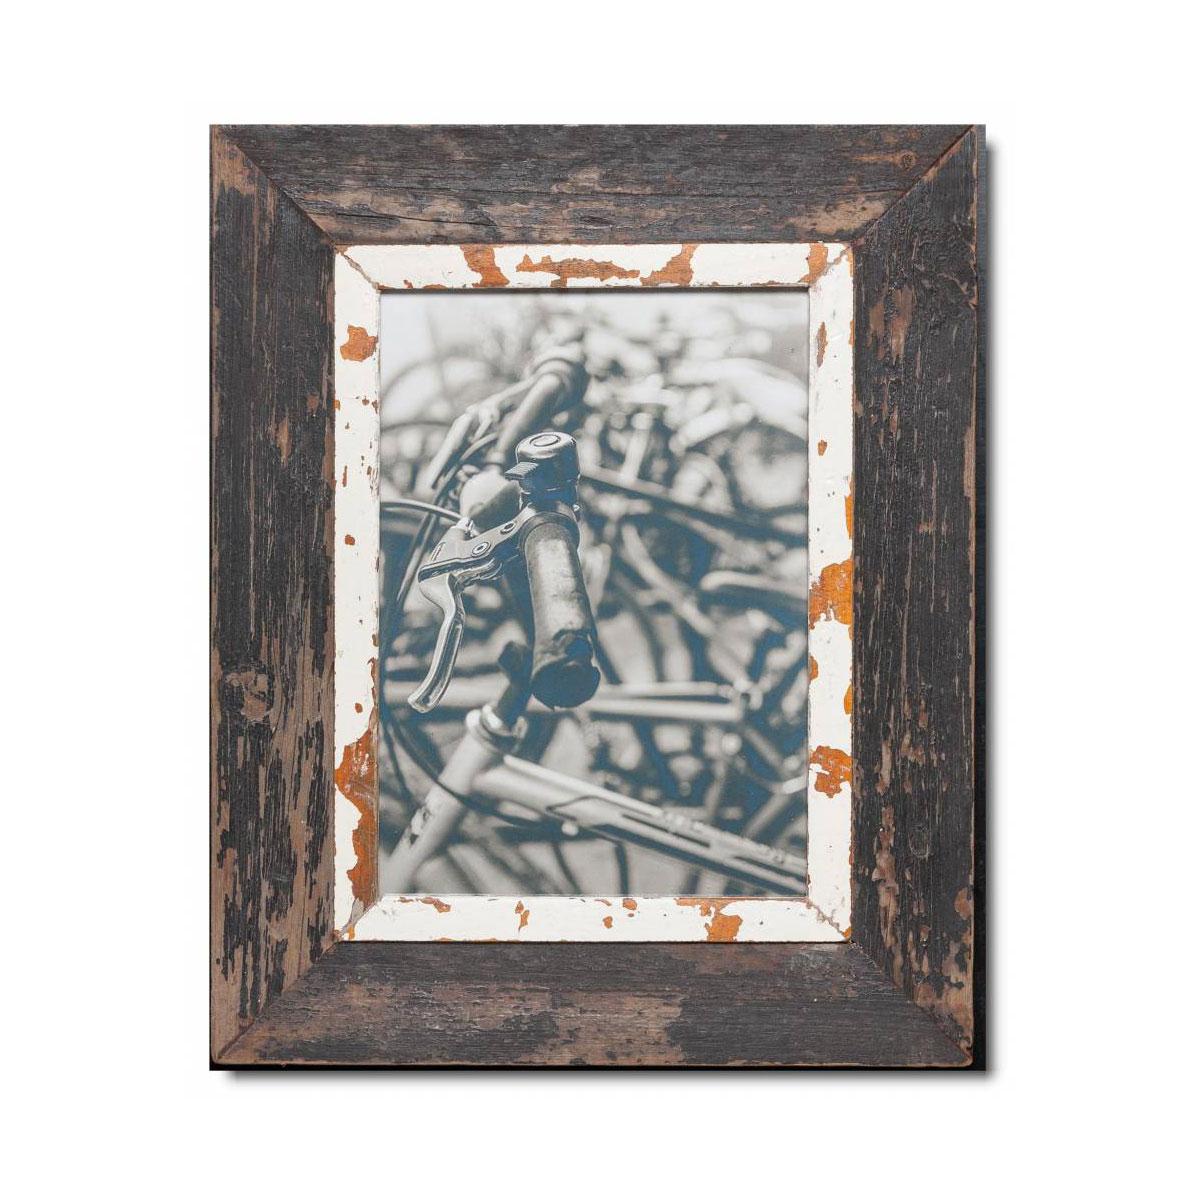 Unikat Vinatge-Bilderrahmen aus recyceltem Holz - A4 von LUNA design company